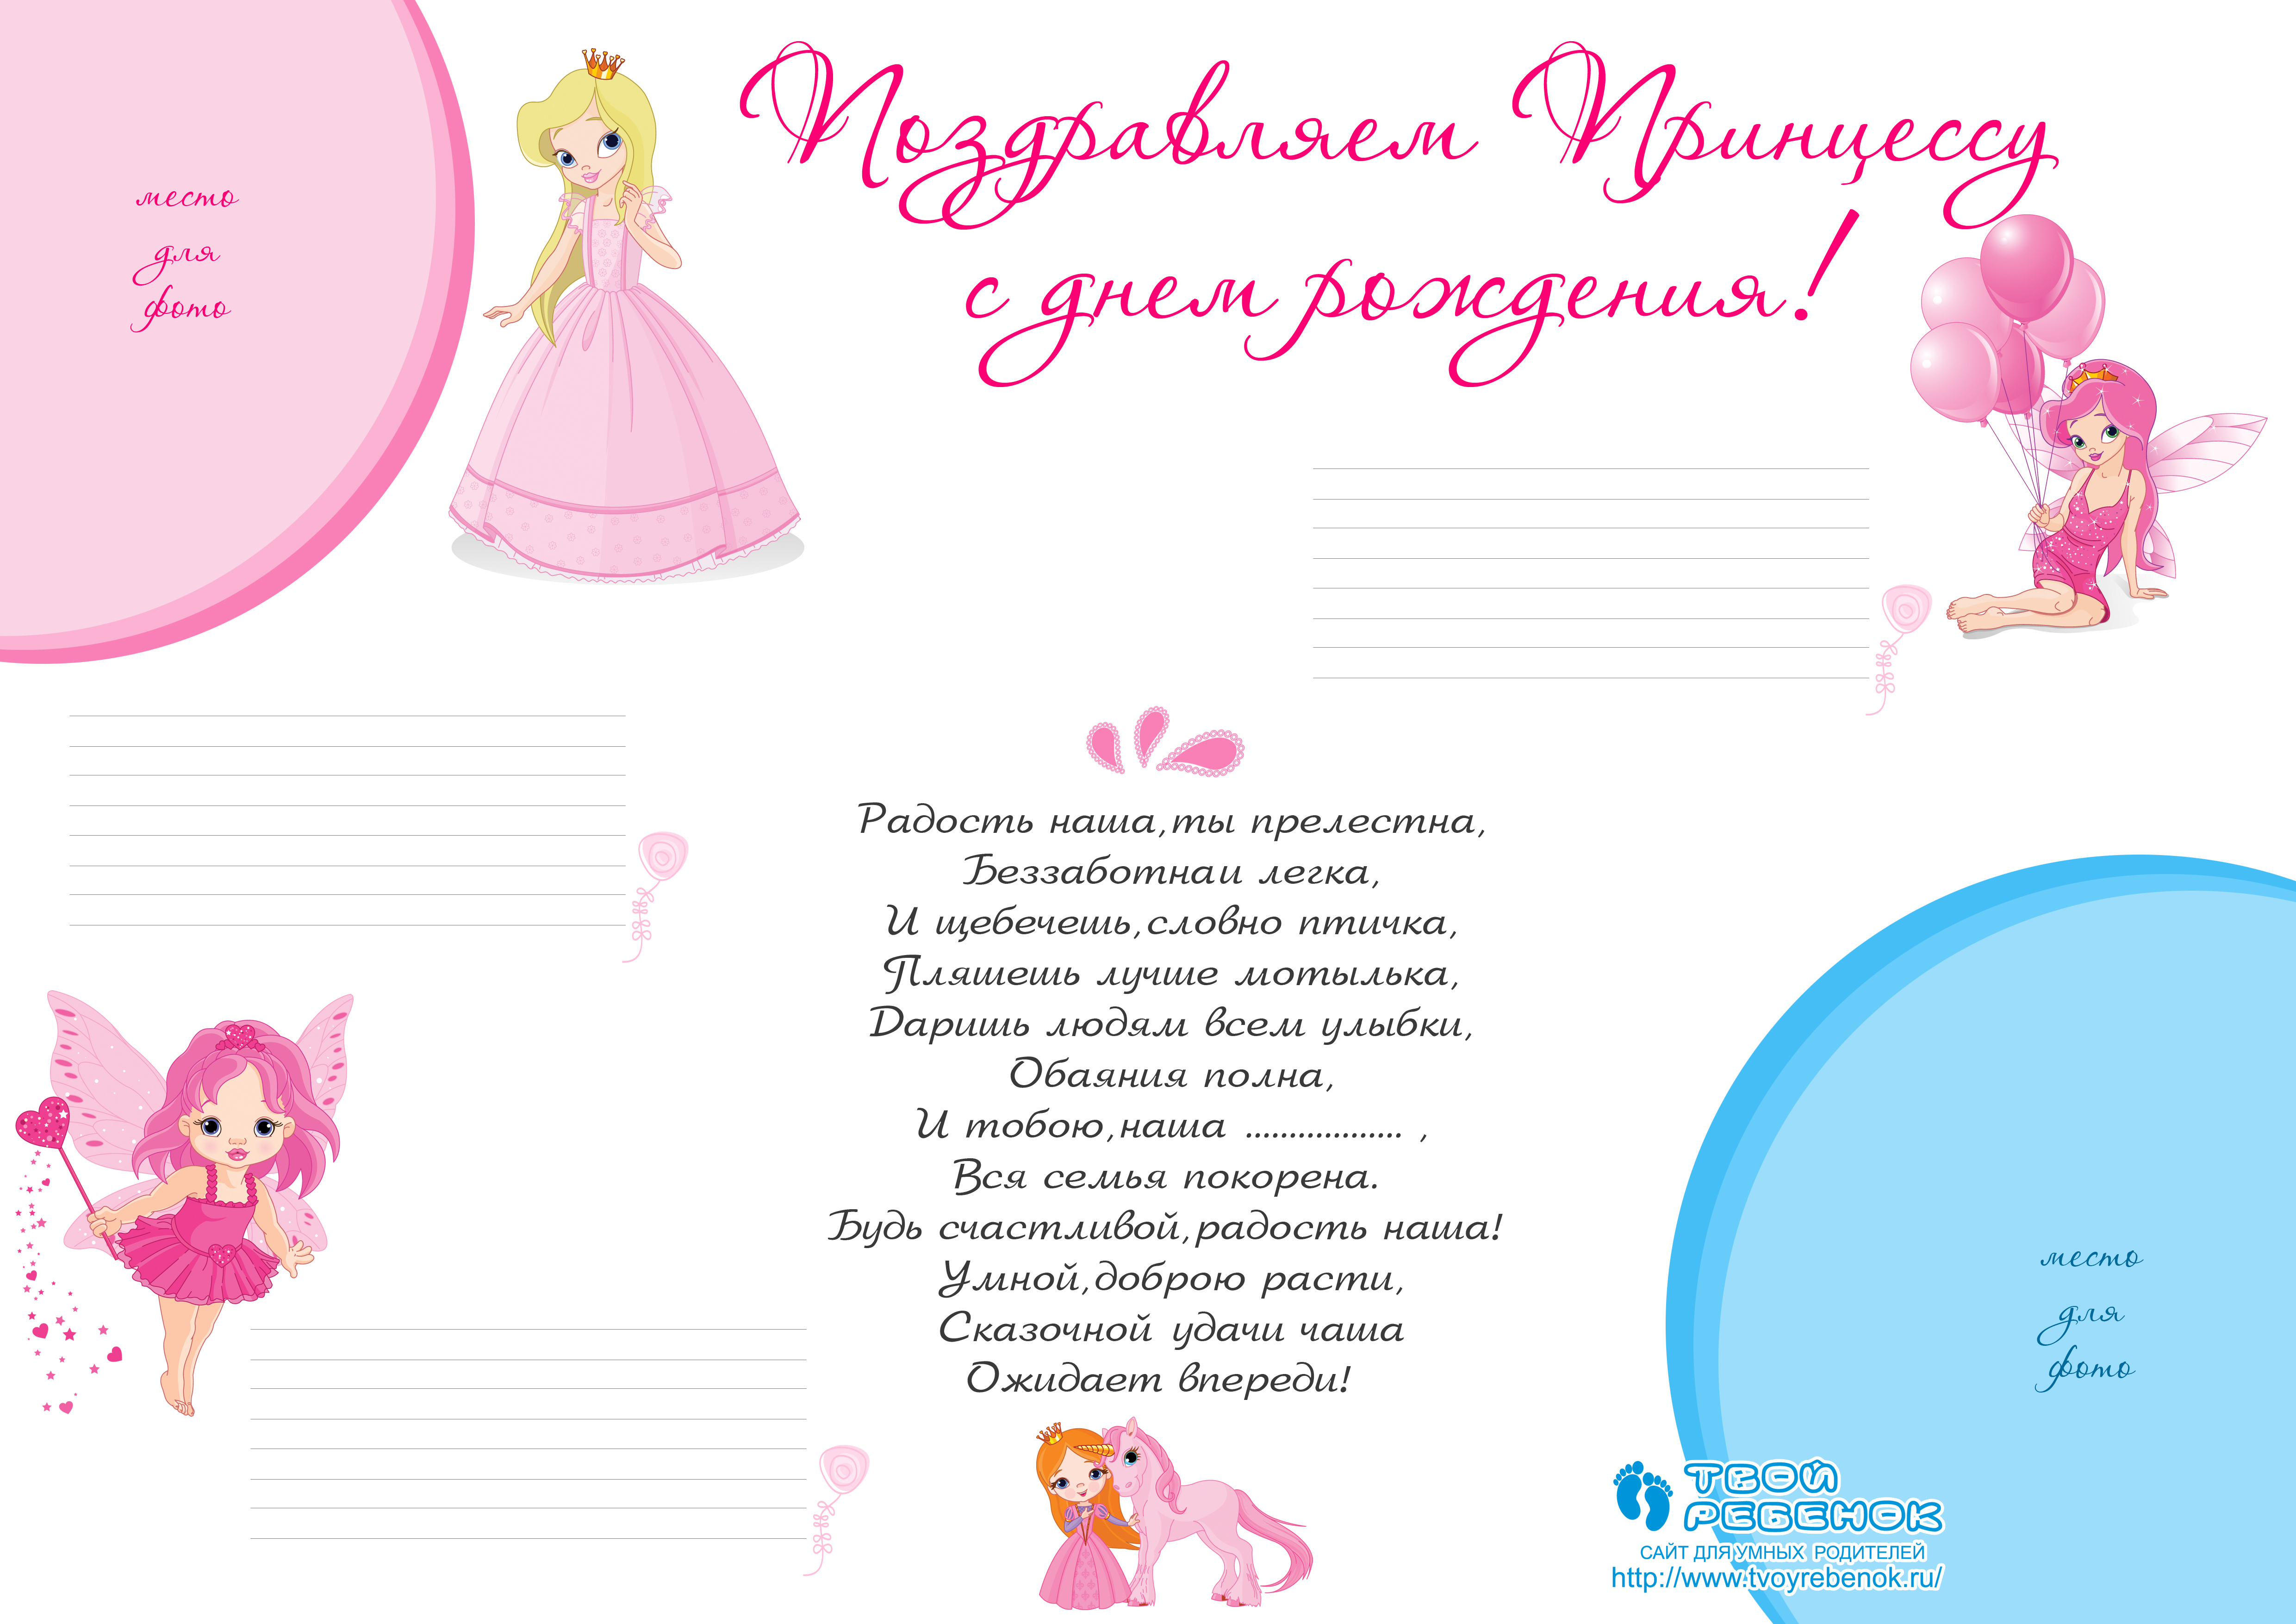 букет цветов за 2000 рублей фото